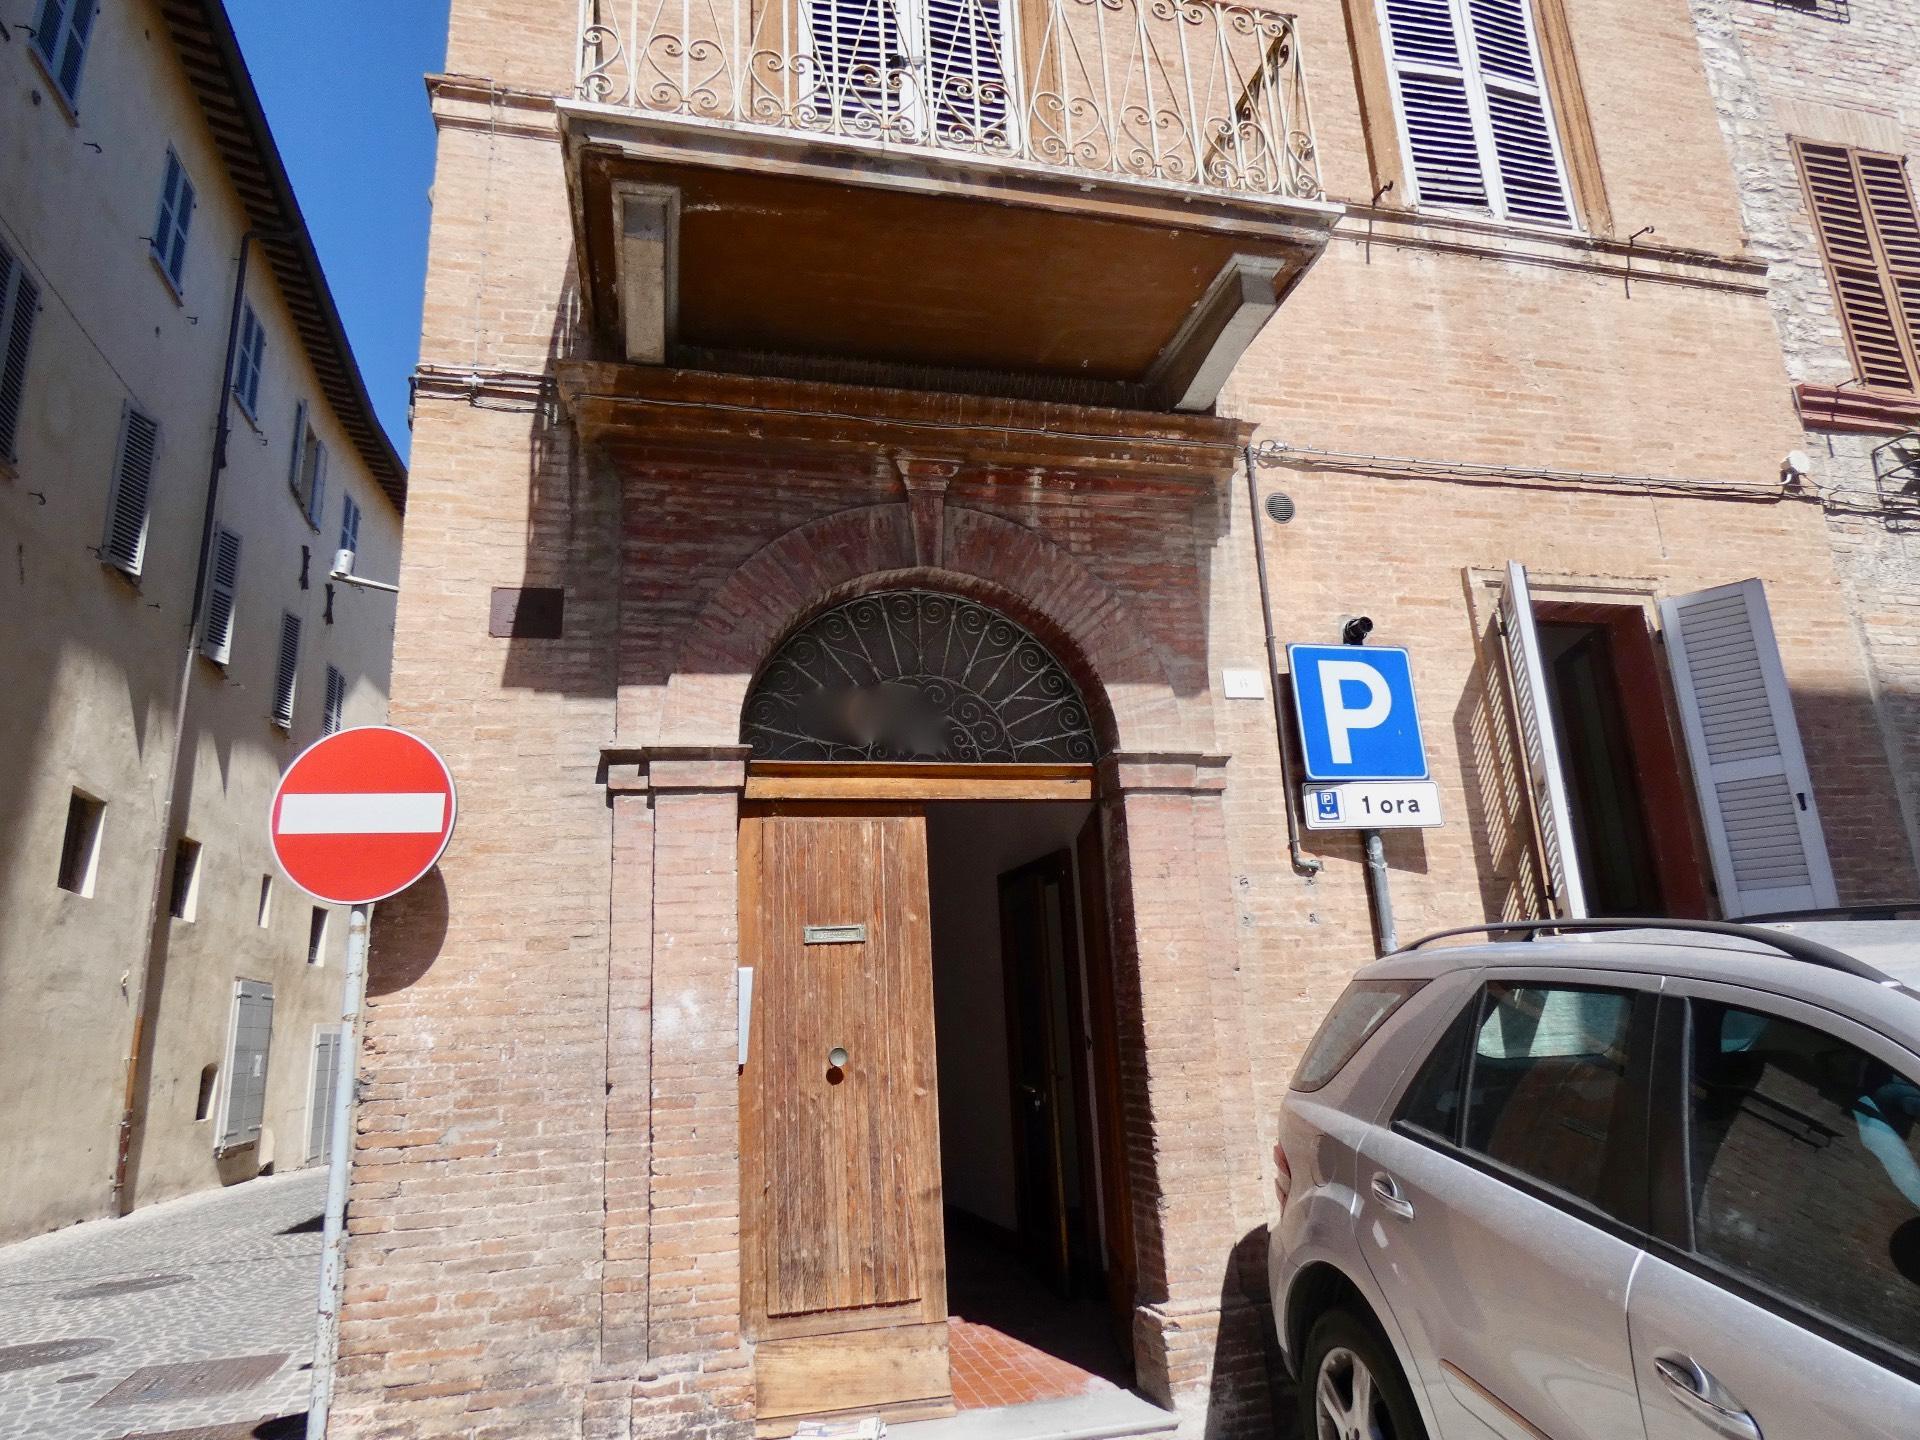 Appartamento in vendita a Fabriano, 3 locali, zona Località: CENTROSTORICO, prezzo € 45.000 | CambioCasa.it